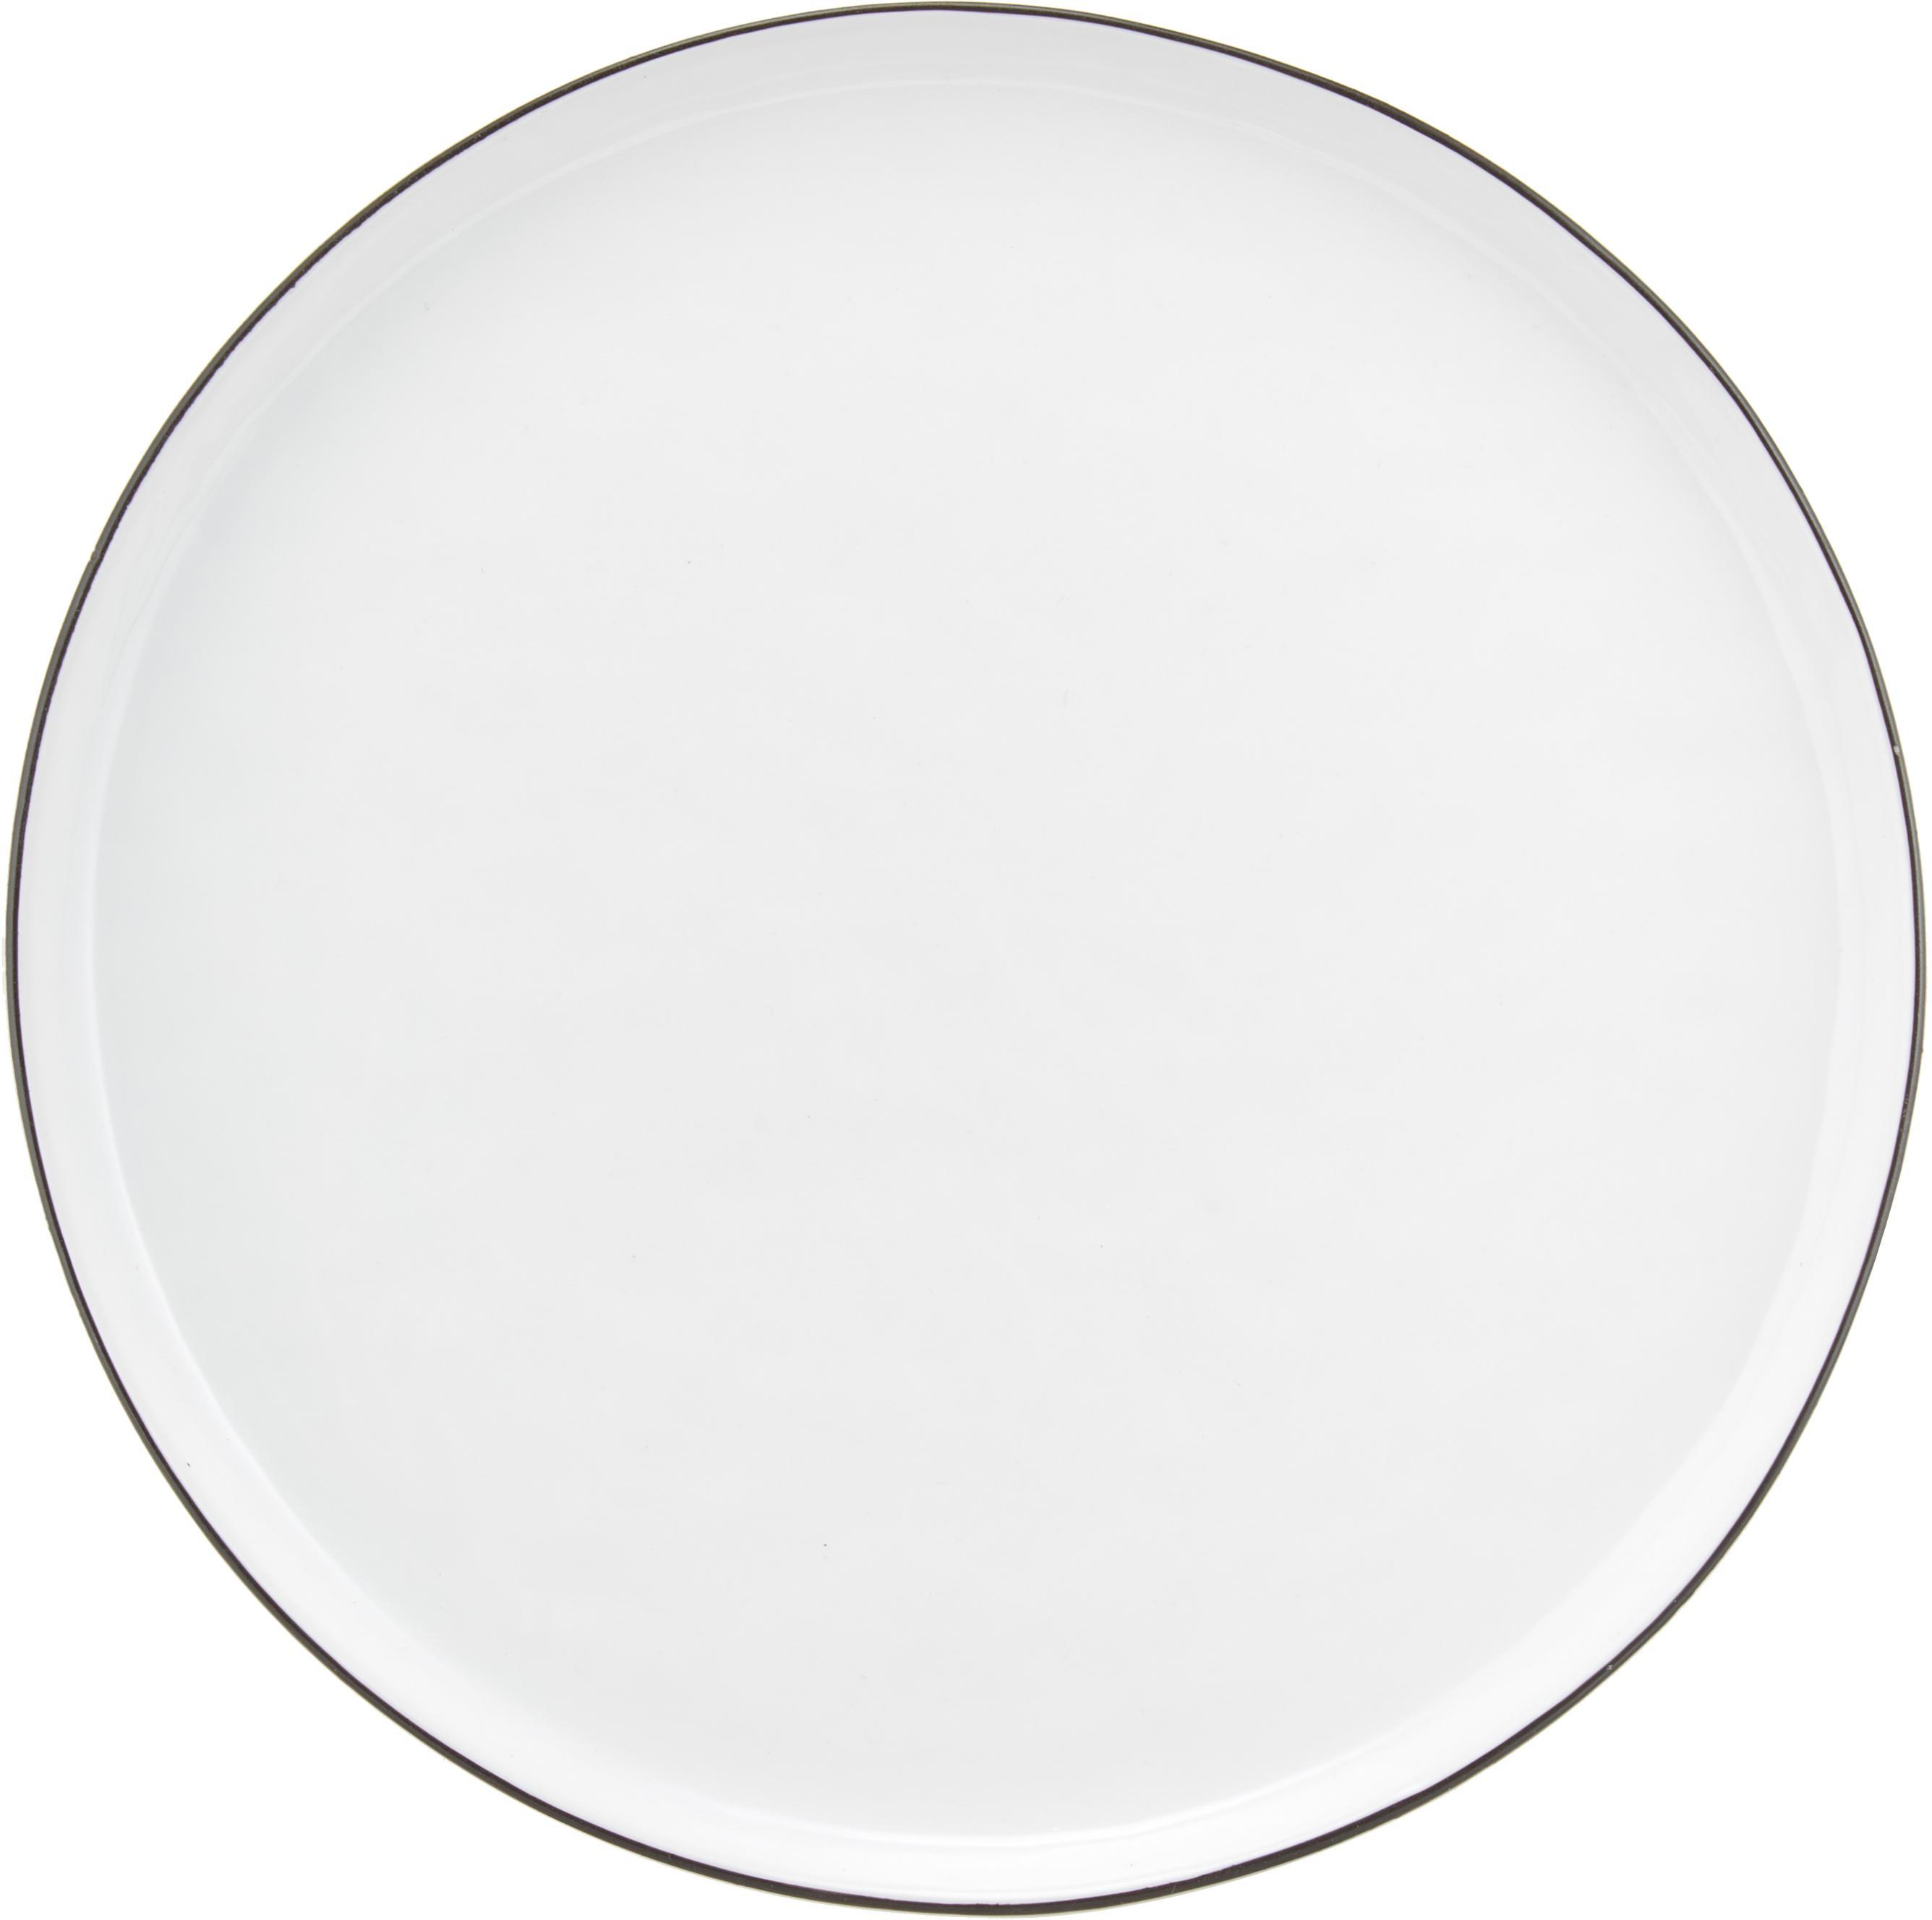 Handgemachtes Frühstücks-Set Salt mit schwarzem Rand, 4 Personen (16-tlg.), Porzellan, Gebrochenes Weiss, Schwarz, Verschiedene Grössen